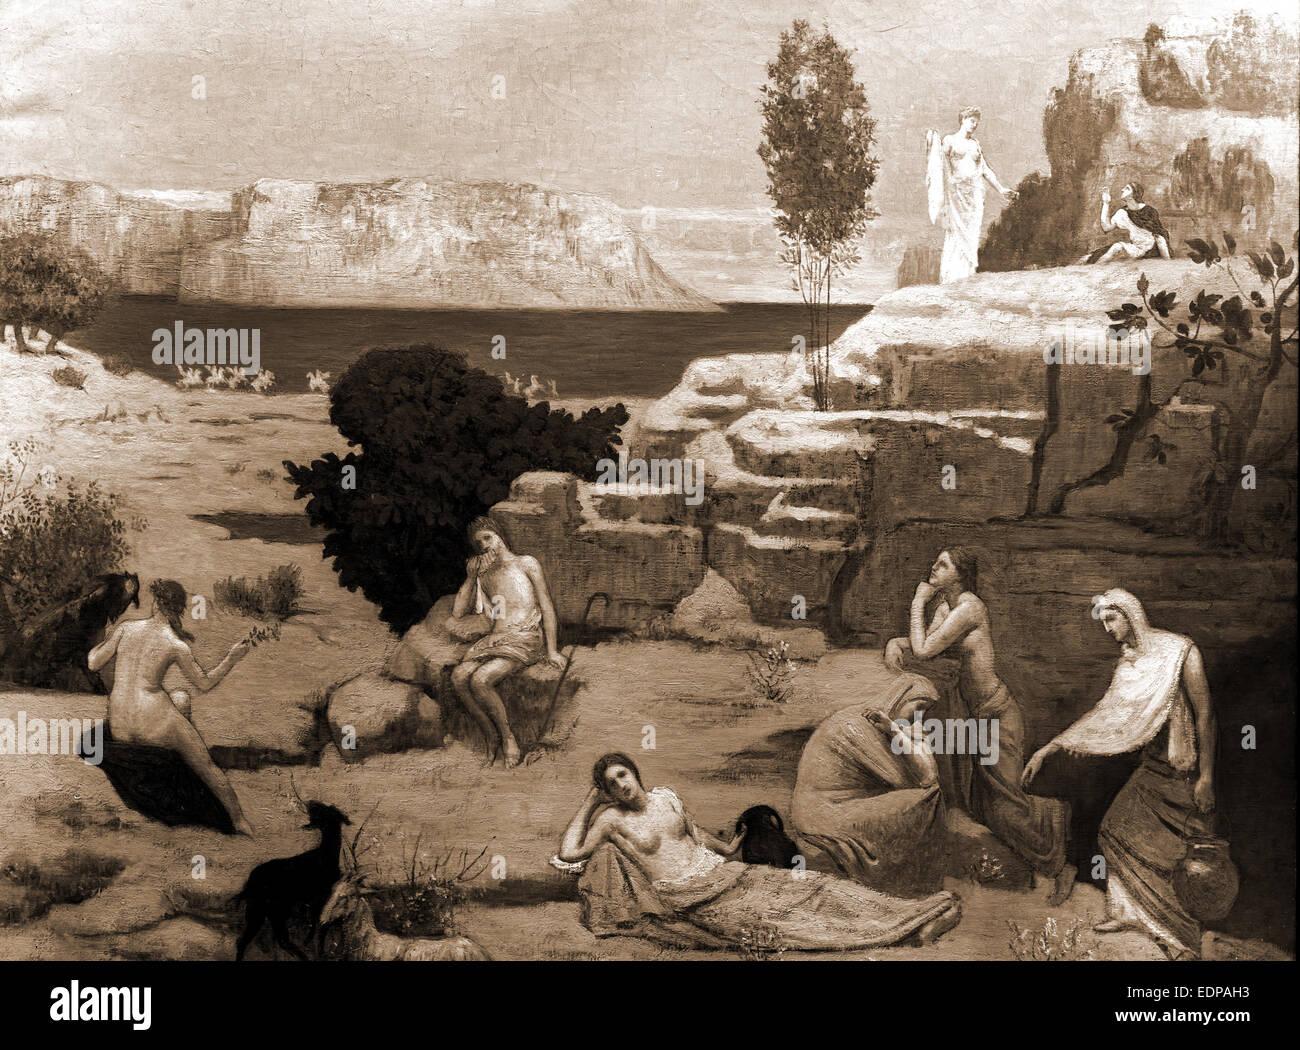 Une vision de l'antiquité, Puvis de Chavannes, Pierre, 1824-1898, mythes, 1900 Photo Stock